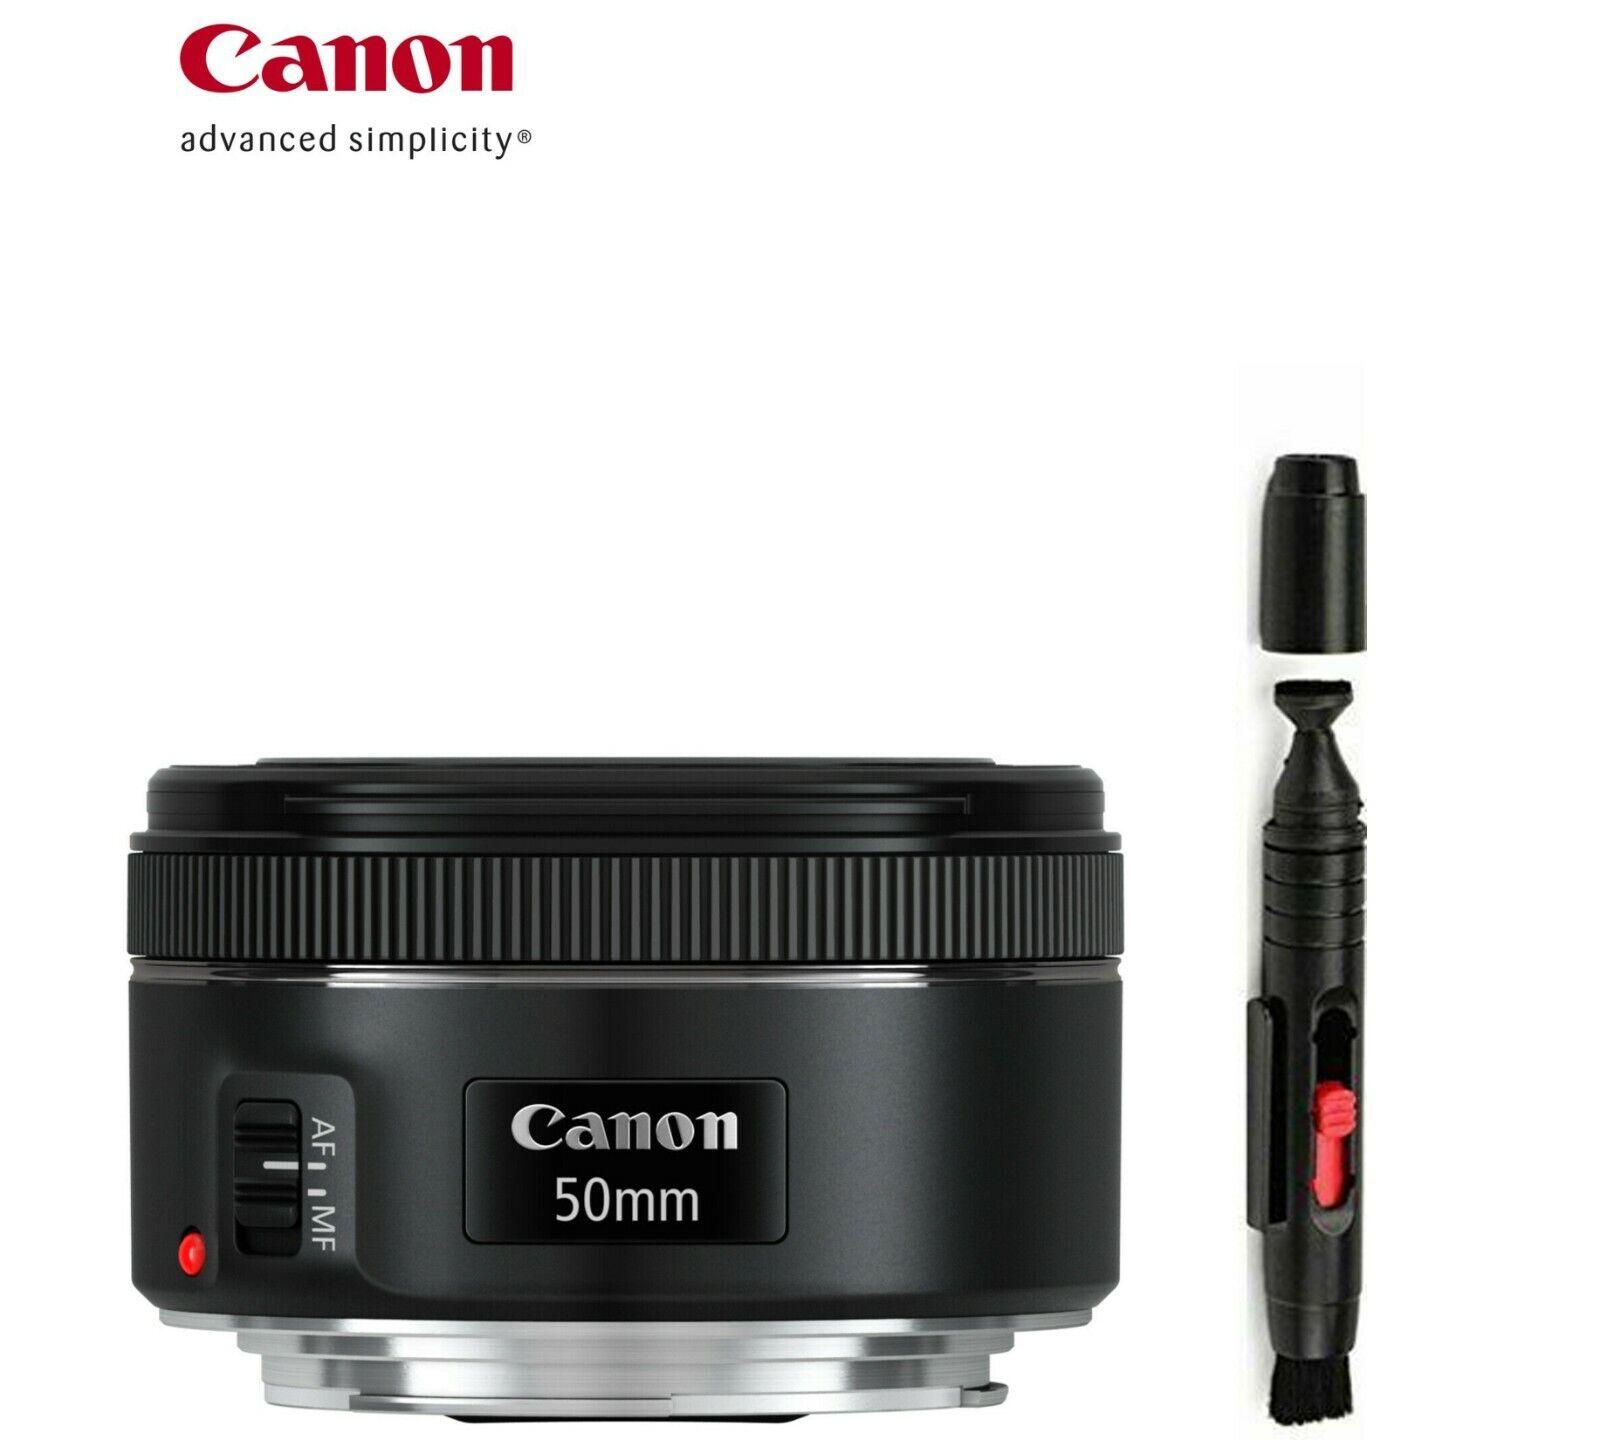 Canon - Ef 50mm F/1.8 Stm Standard Lens - Black